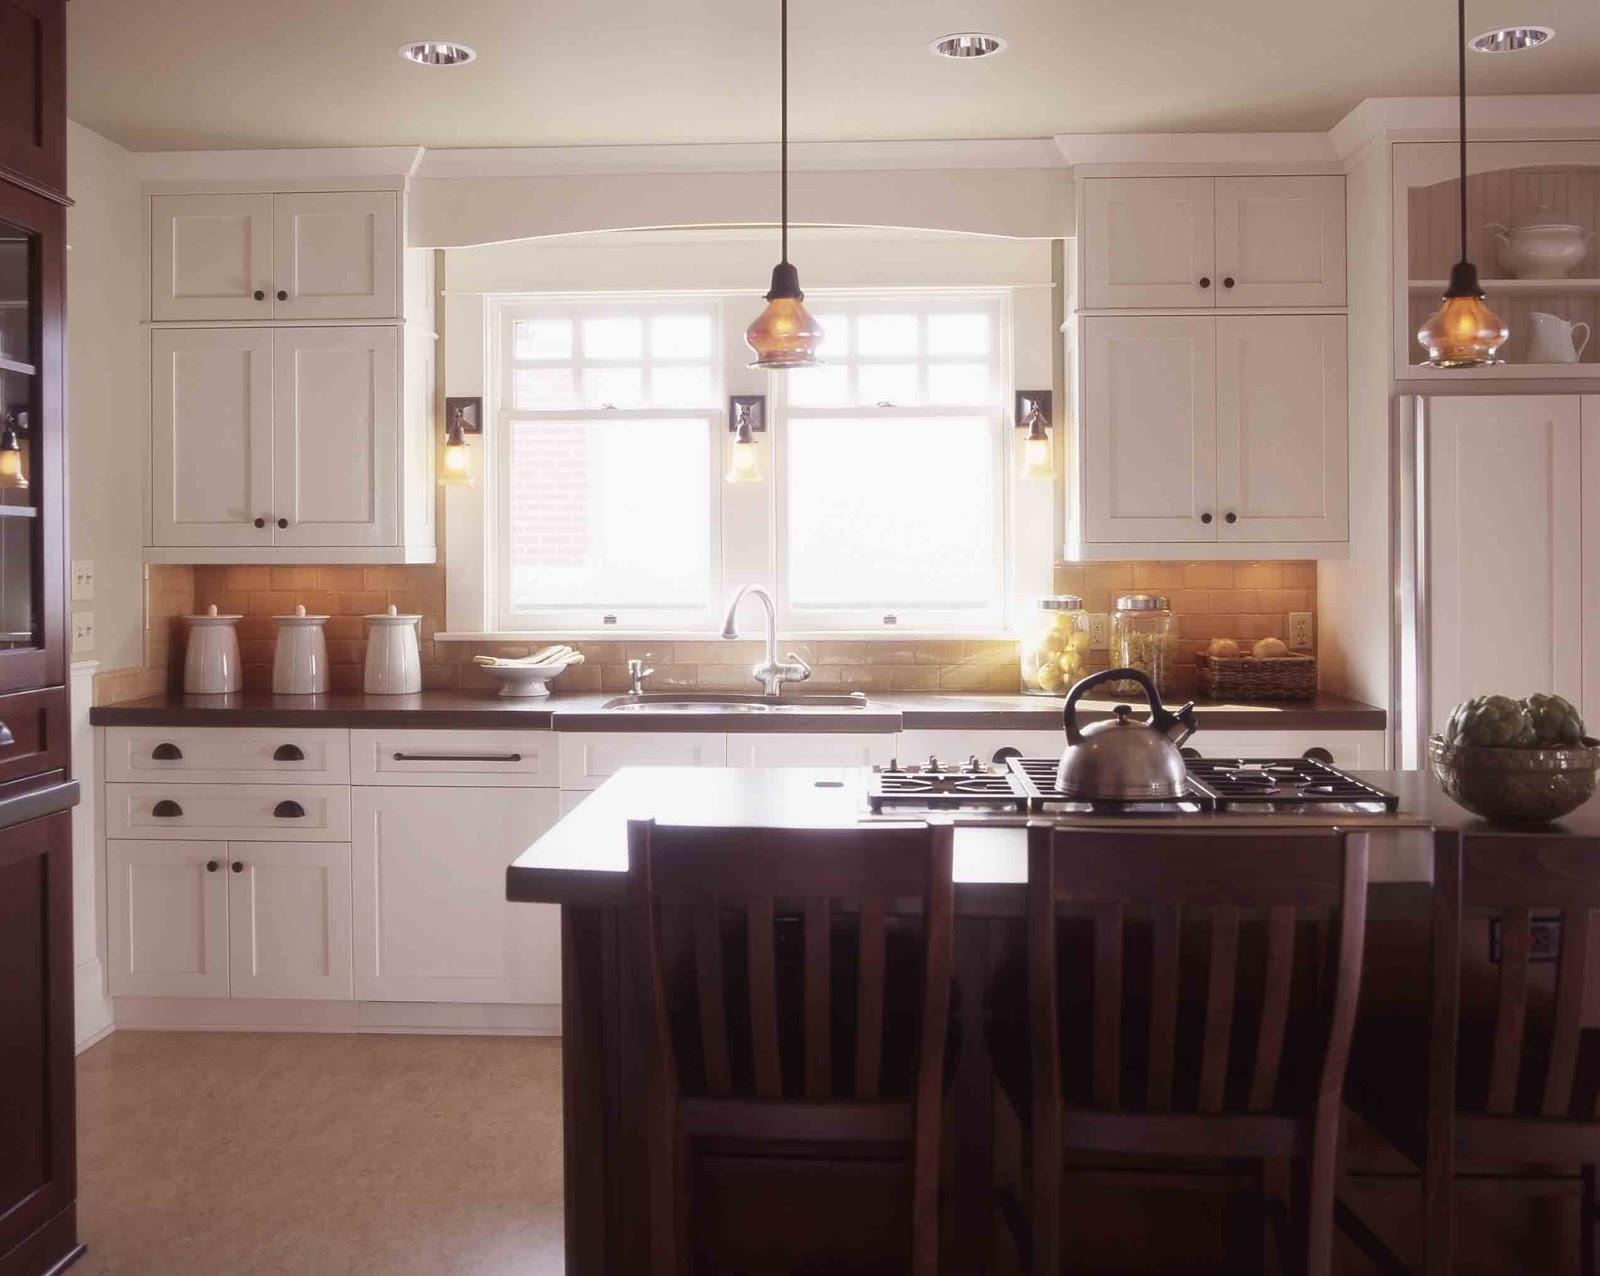 craftsman kitchen backsplash cabinets accessories the granite gurus design style week 10